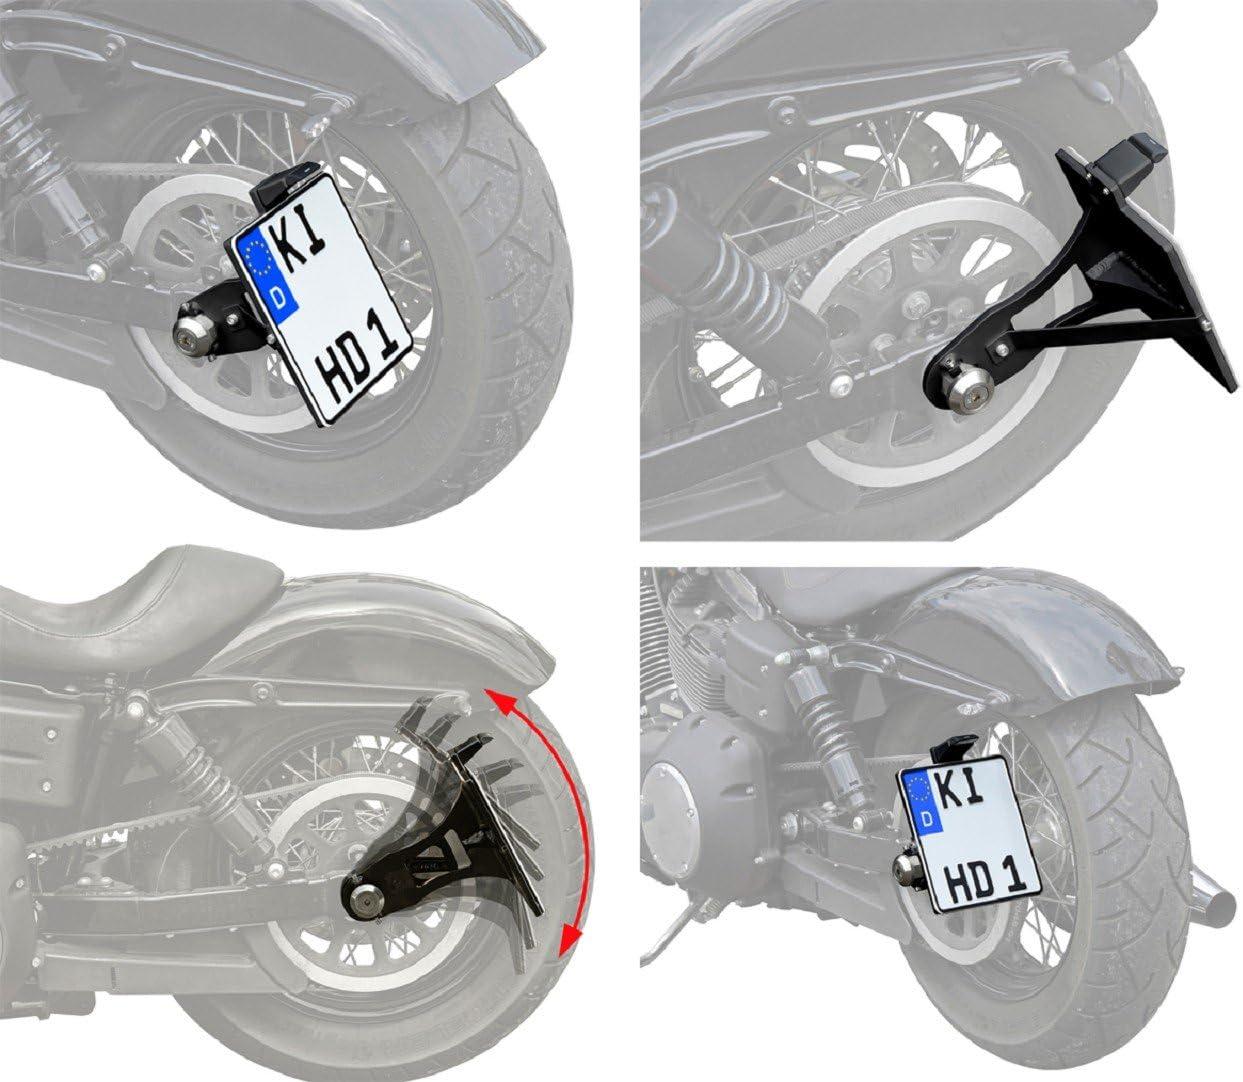 avec barre chrom/ée bross/ée. Mat/ériau ABS plastique noir pour scooter, cyclomoteur, tracteur, remorque, moto non peint 1 support de plaque dimmatriculation fabriqu/é en UE 240 x 130 mm 24 x 13 cm